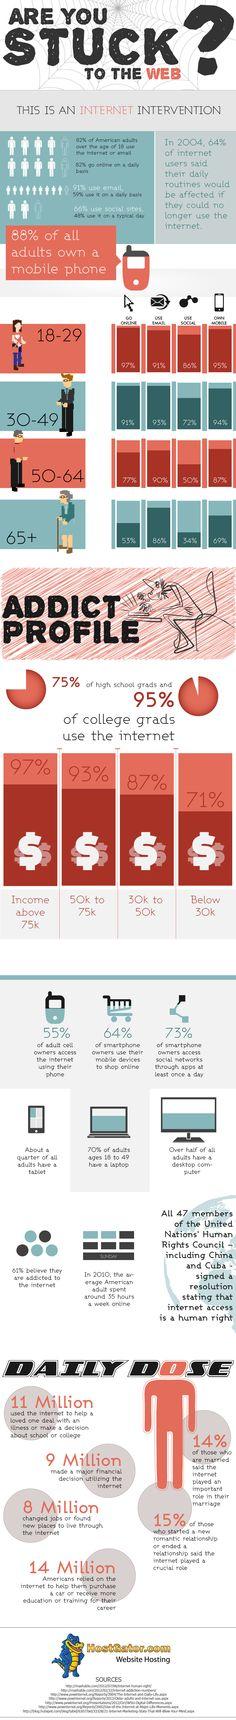 ¿Atrapado en la Web? #infografia #infographic #internet